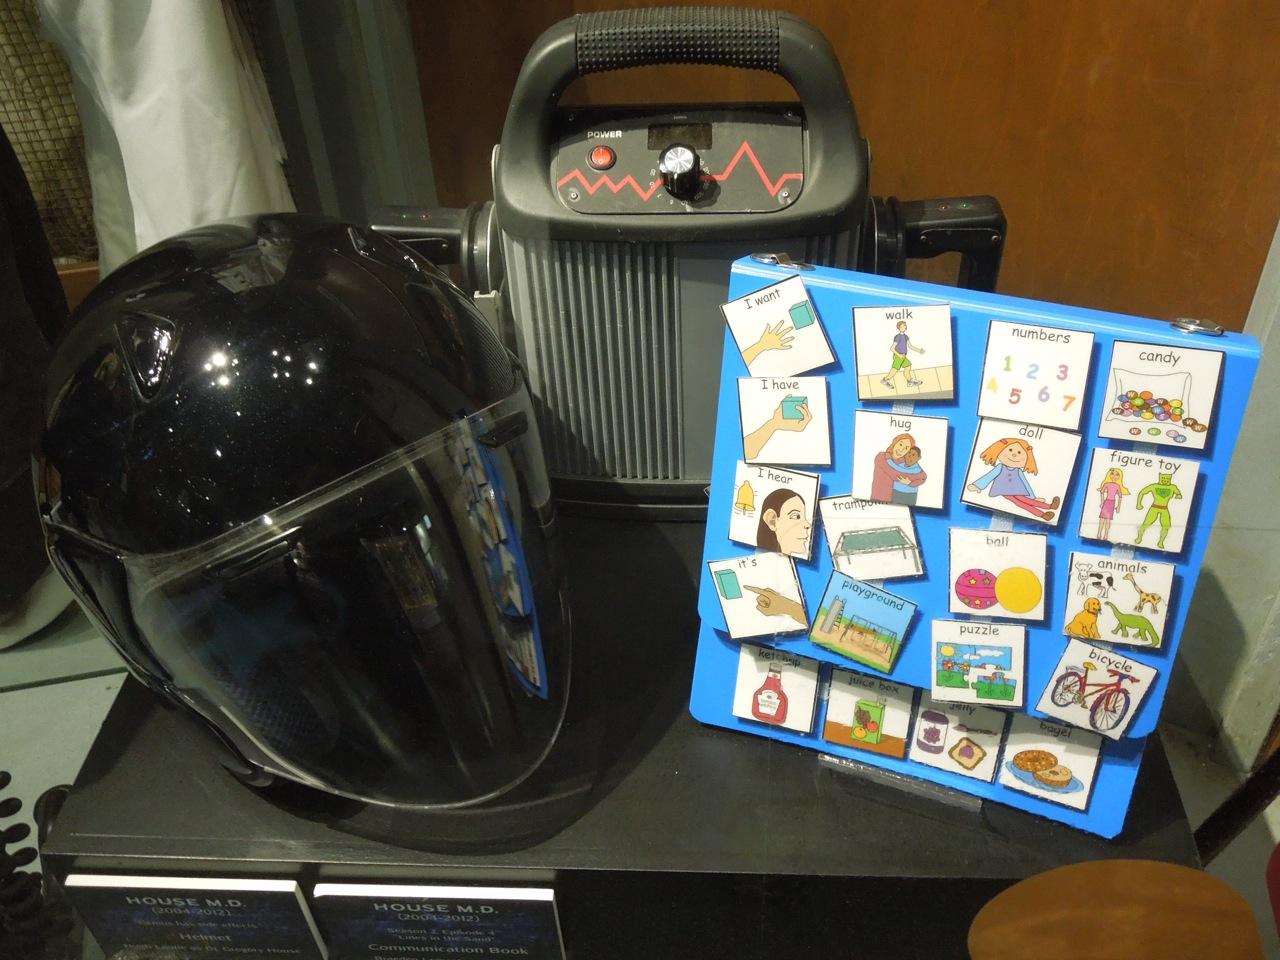 http://4.bp.blogspot.com/-o18rVliNhNw/UVowp2cCnvI/AAAAAAABDmM/k4d1Ekd8Sec/s1600/house+MD+helmet+tv+props.jpg